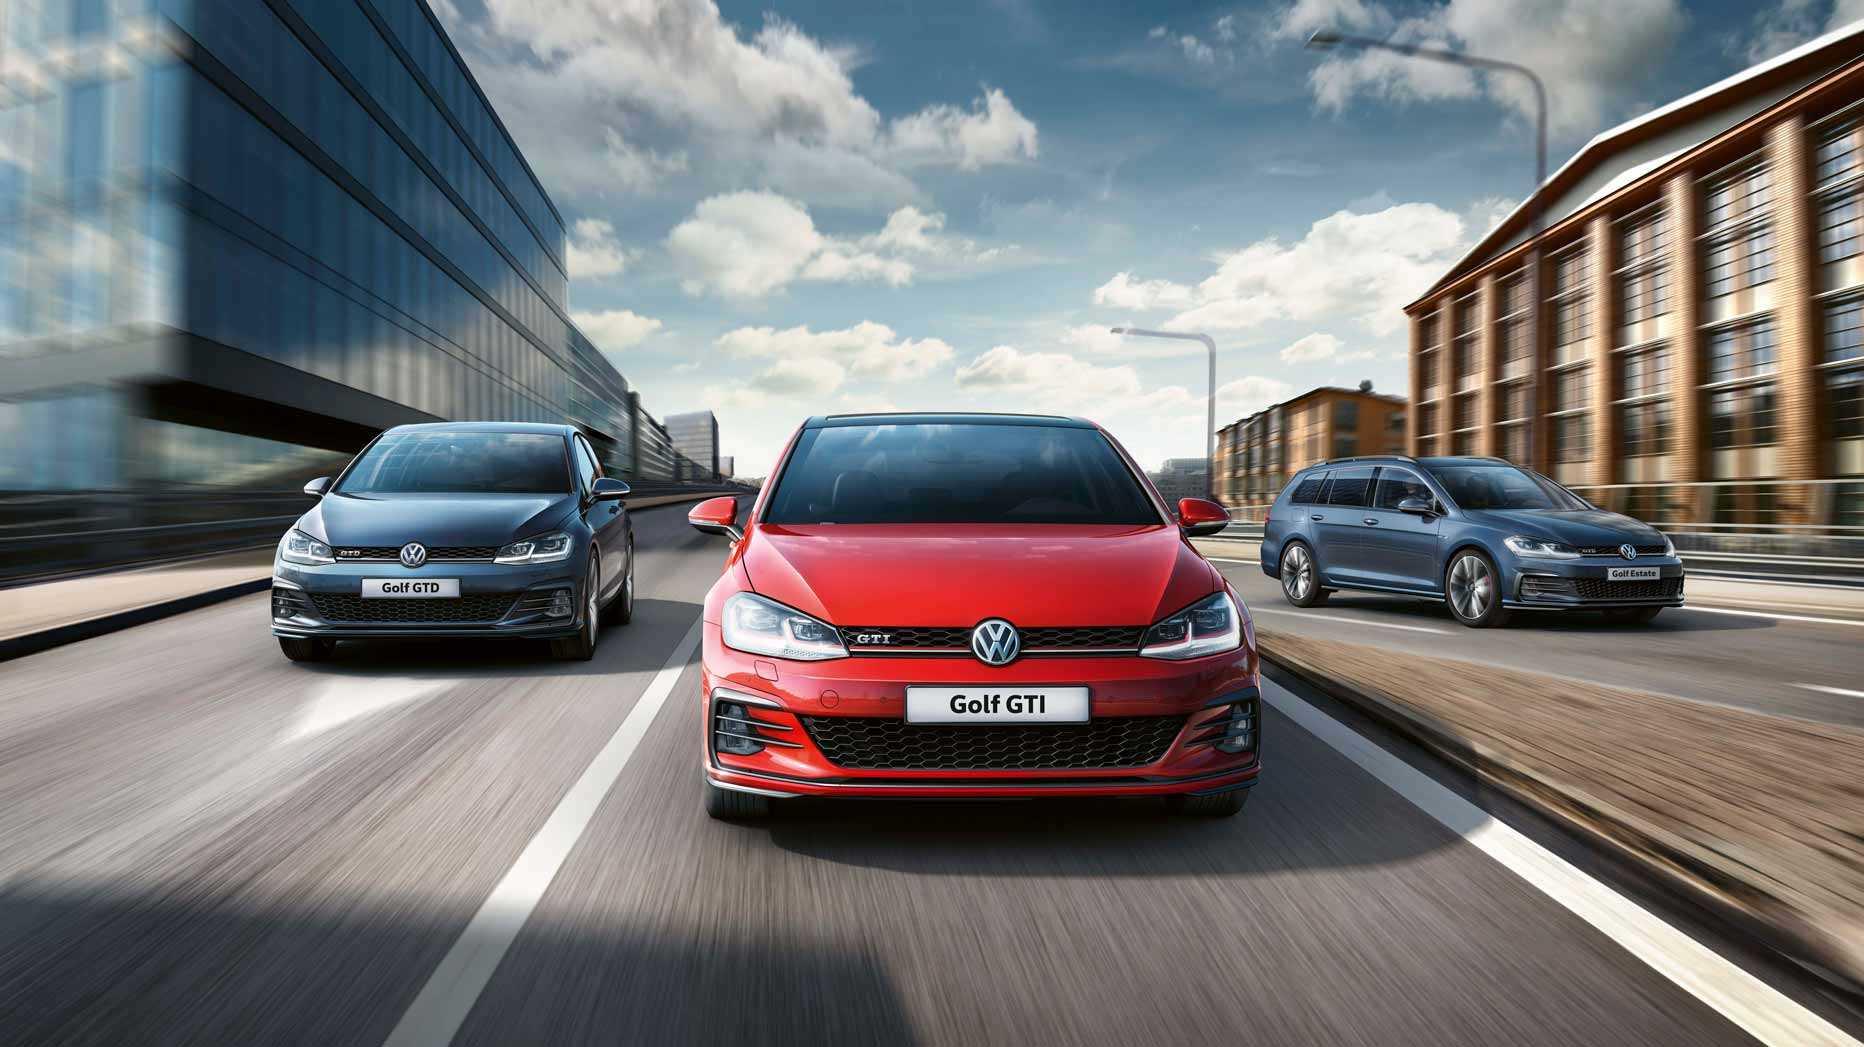 Used Volkswagen Cars | Lookers Volkswagen